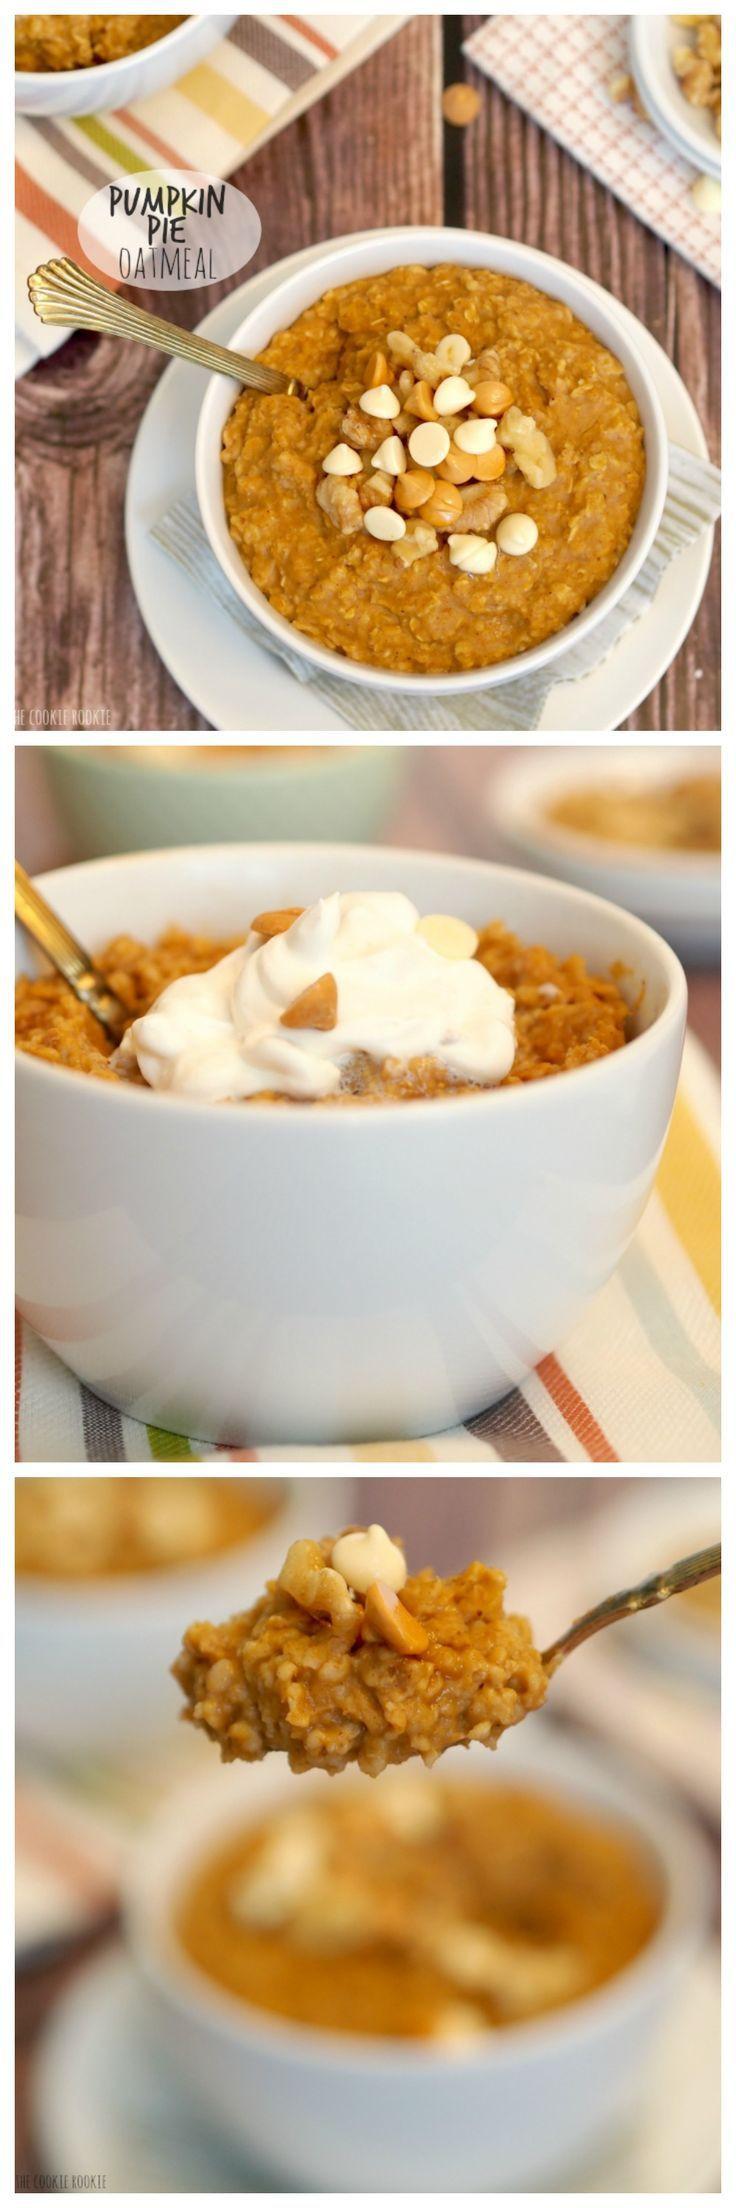 Perfect Healthy Breakfast  Pumpkin Pie Oatmeal The perfect healthy breakfast for